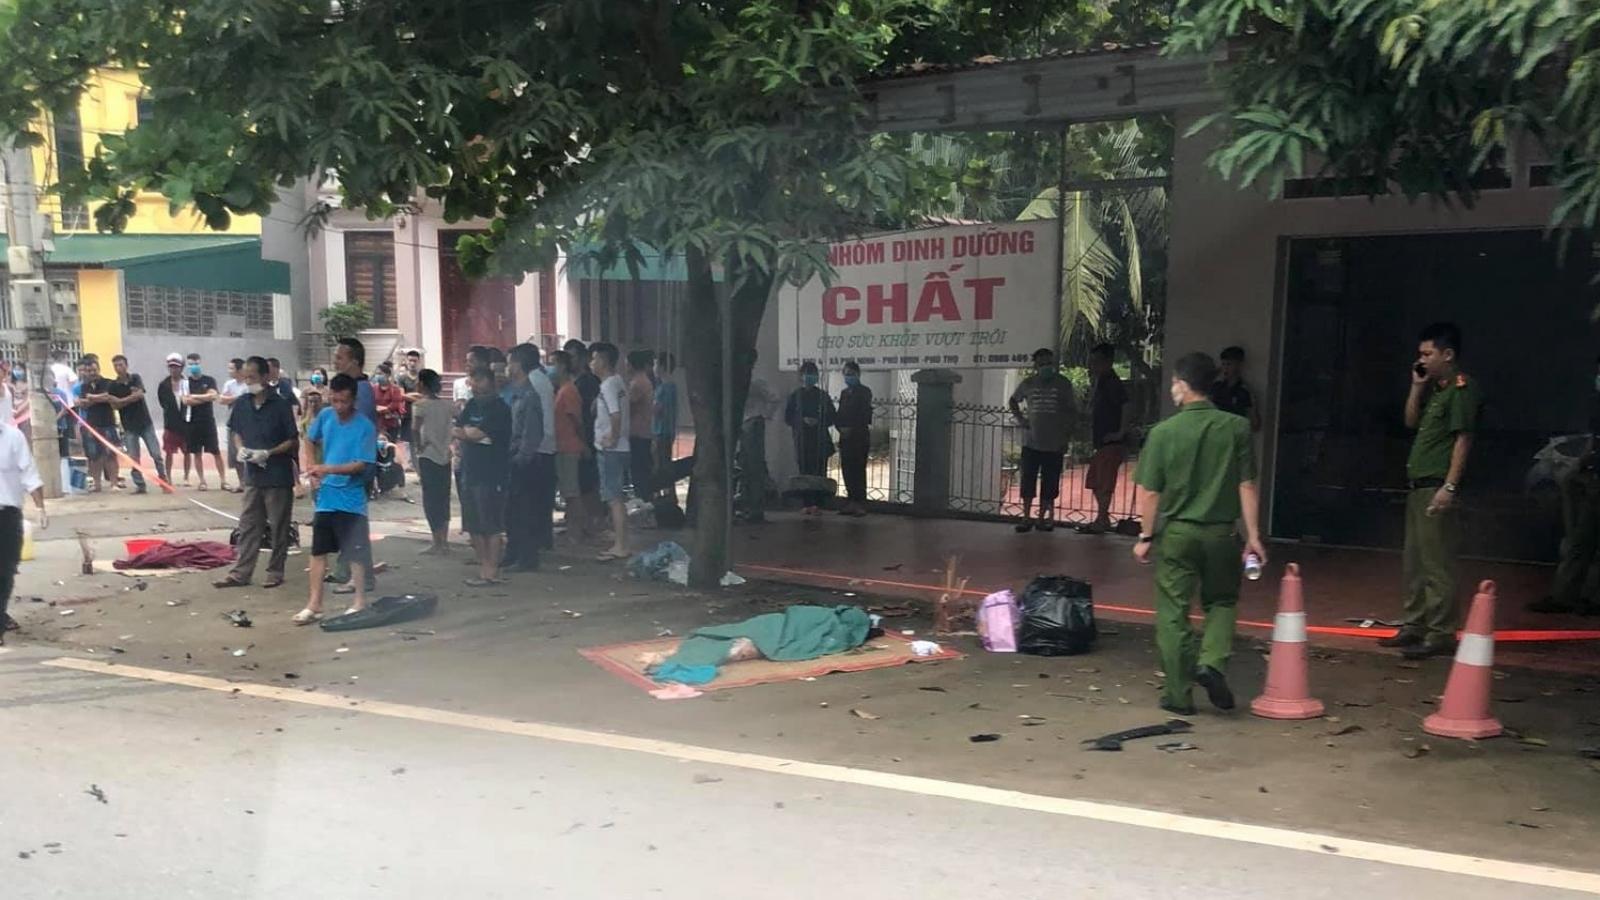 Xác định danh tính 3 người phụ nữ tử vong sau tai nạn ở Phù Ninh, Phú Thọ